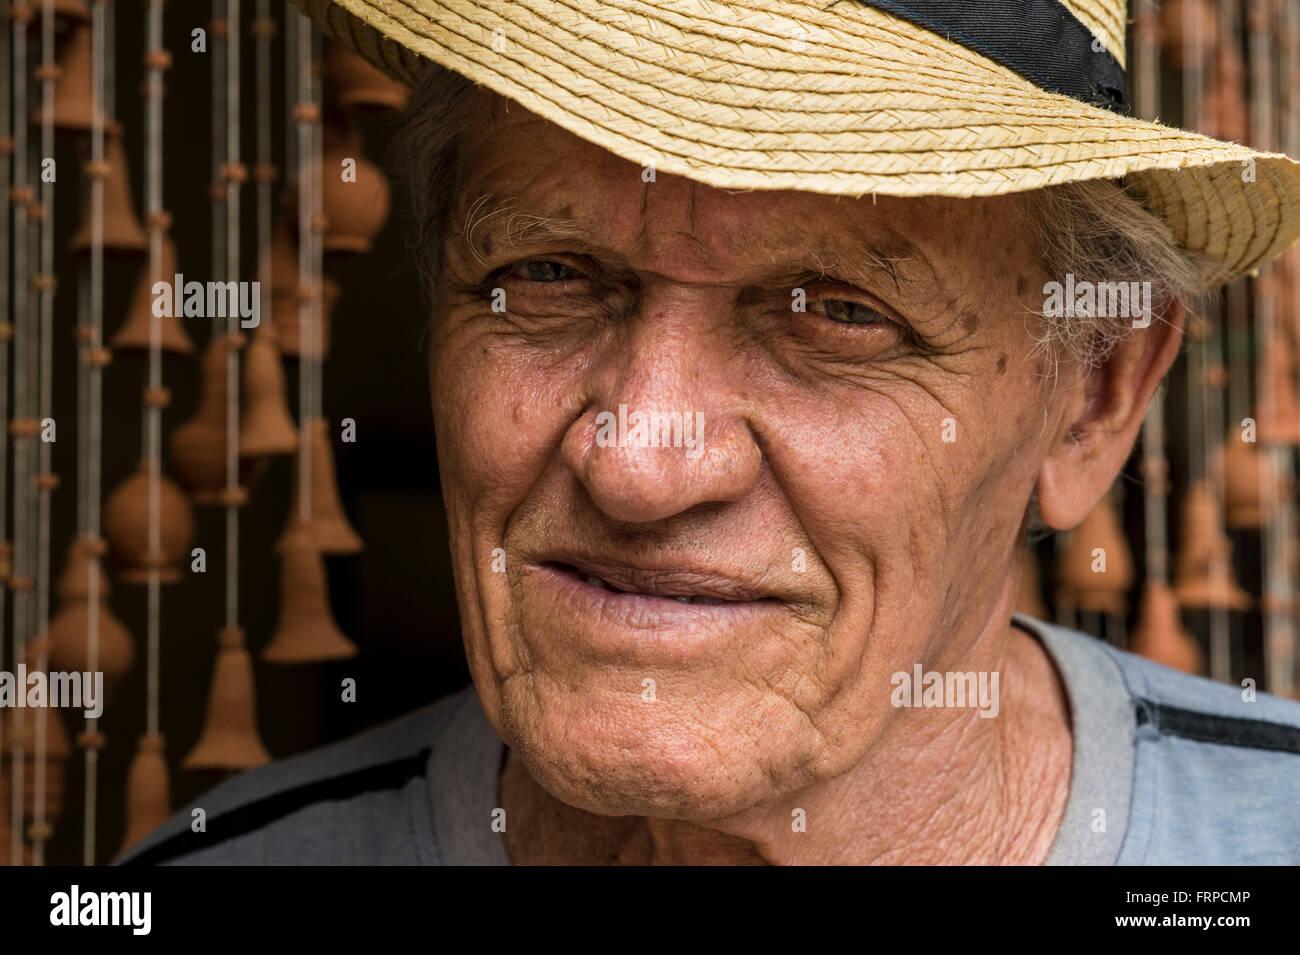 Retrato de Daniel 'Chichi' Santander, cubanos de renombre en su taller alfarero El Alfarero Casa Chichi. Imagen De Stock